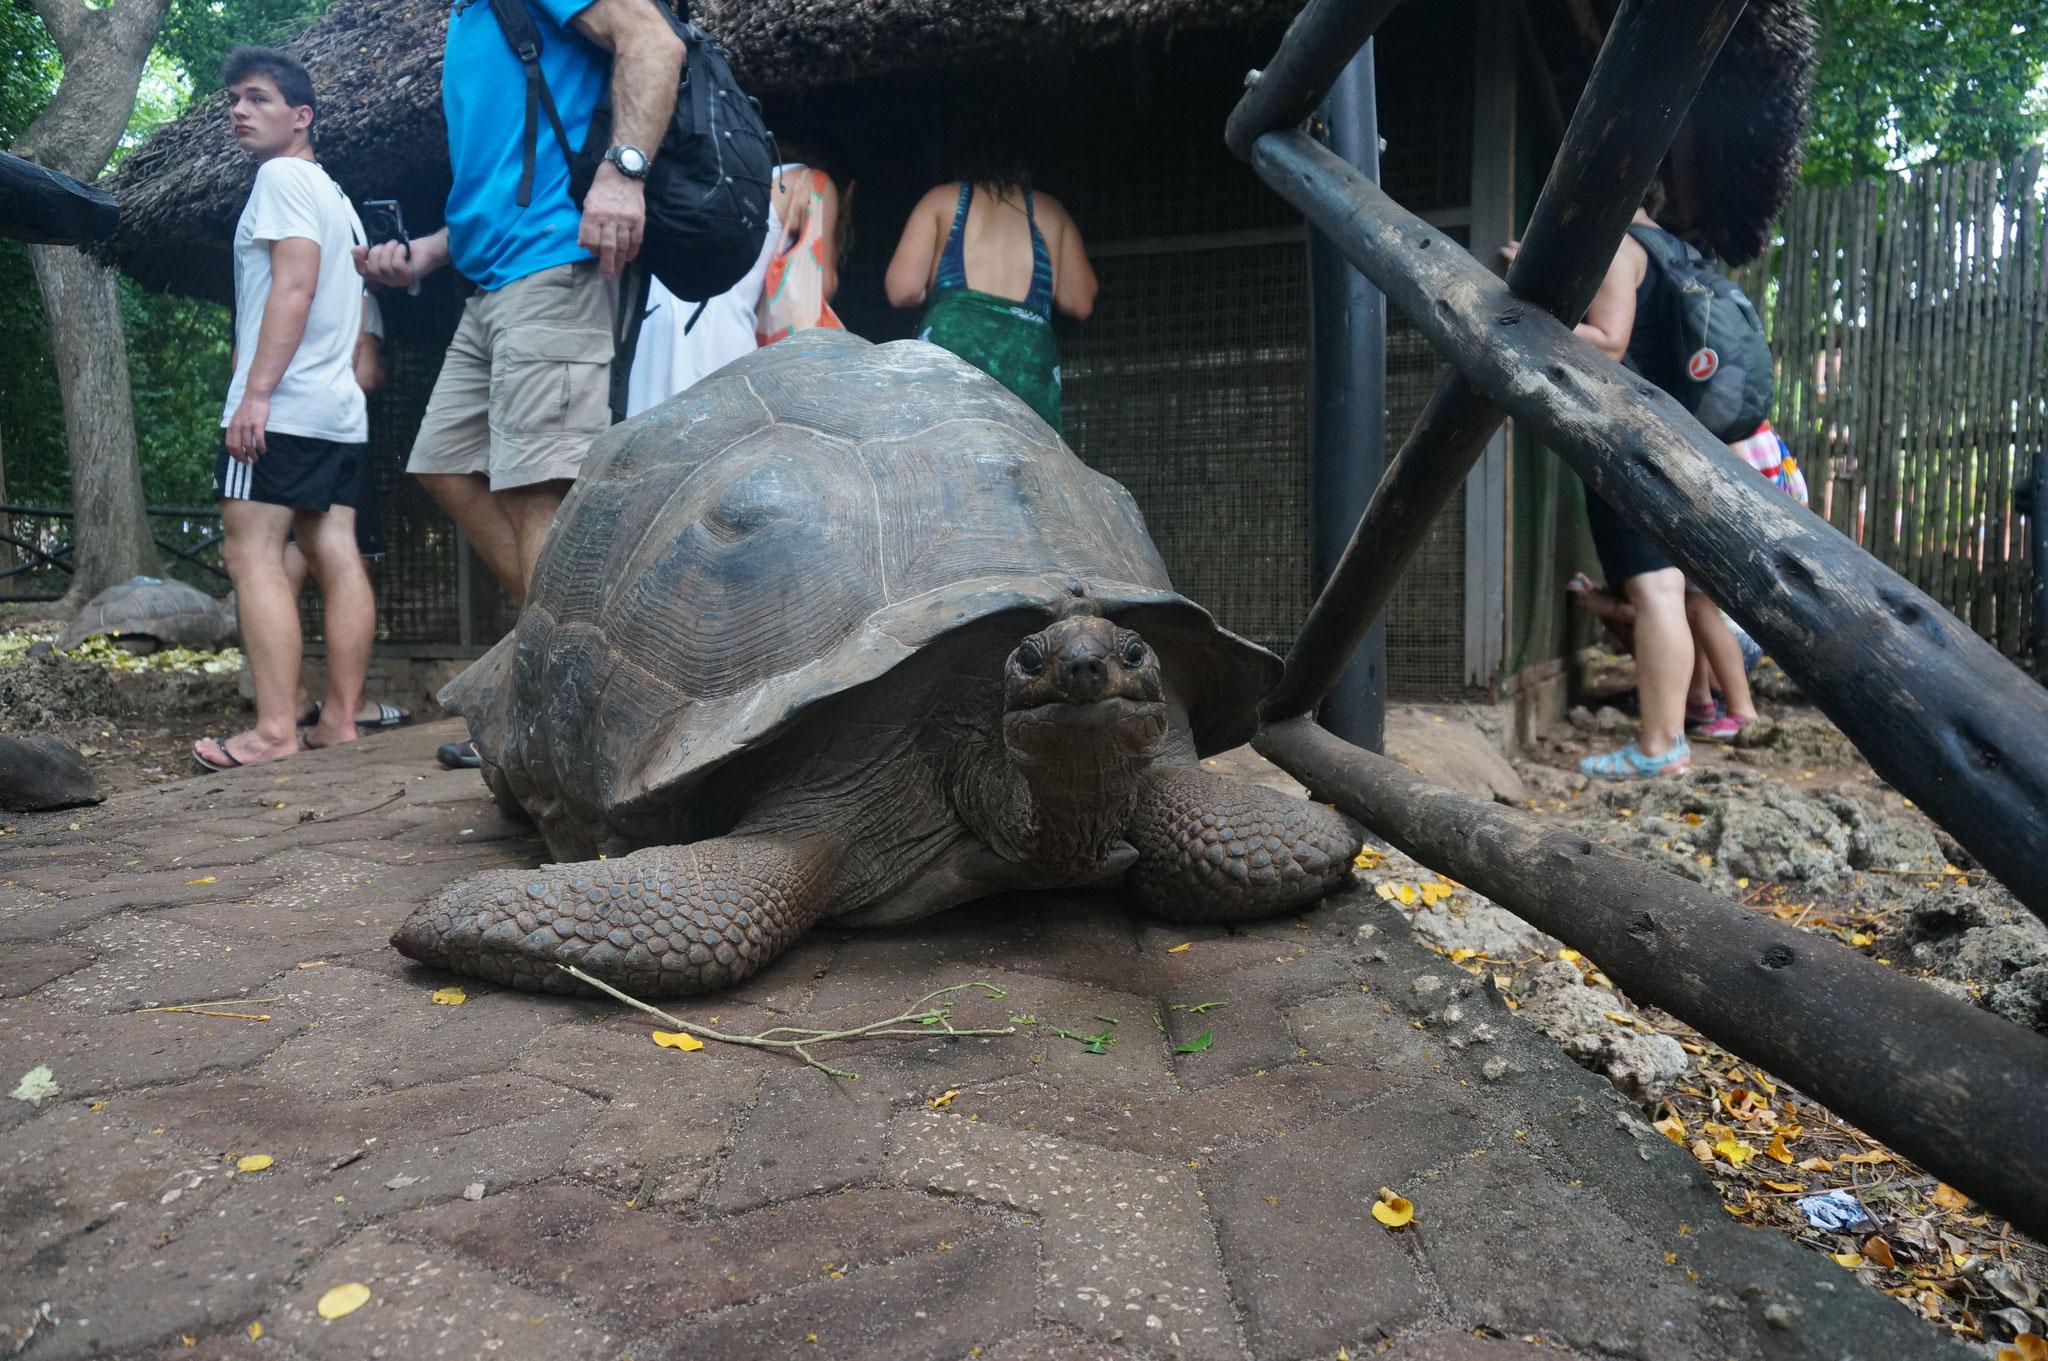 Riesenlandschldkröte auf Prison Island